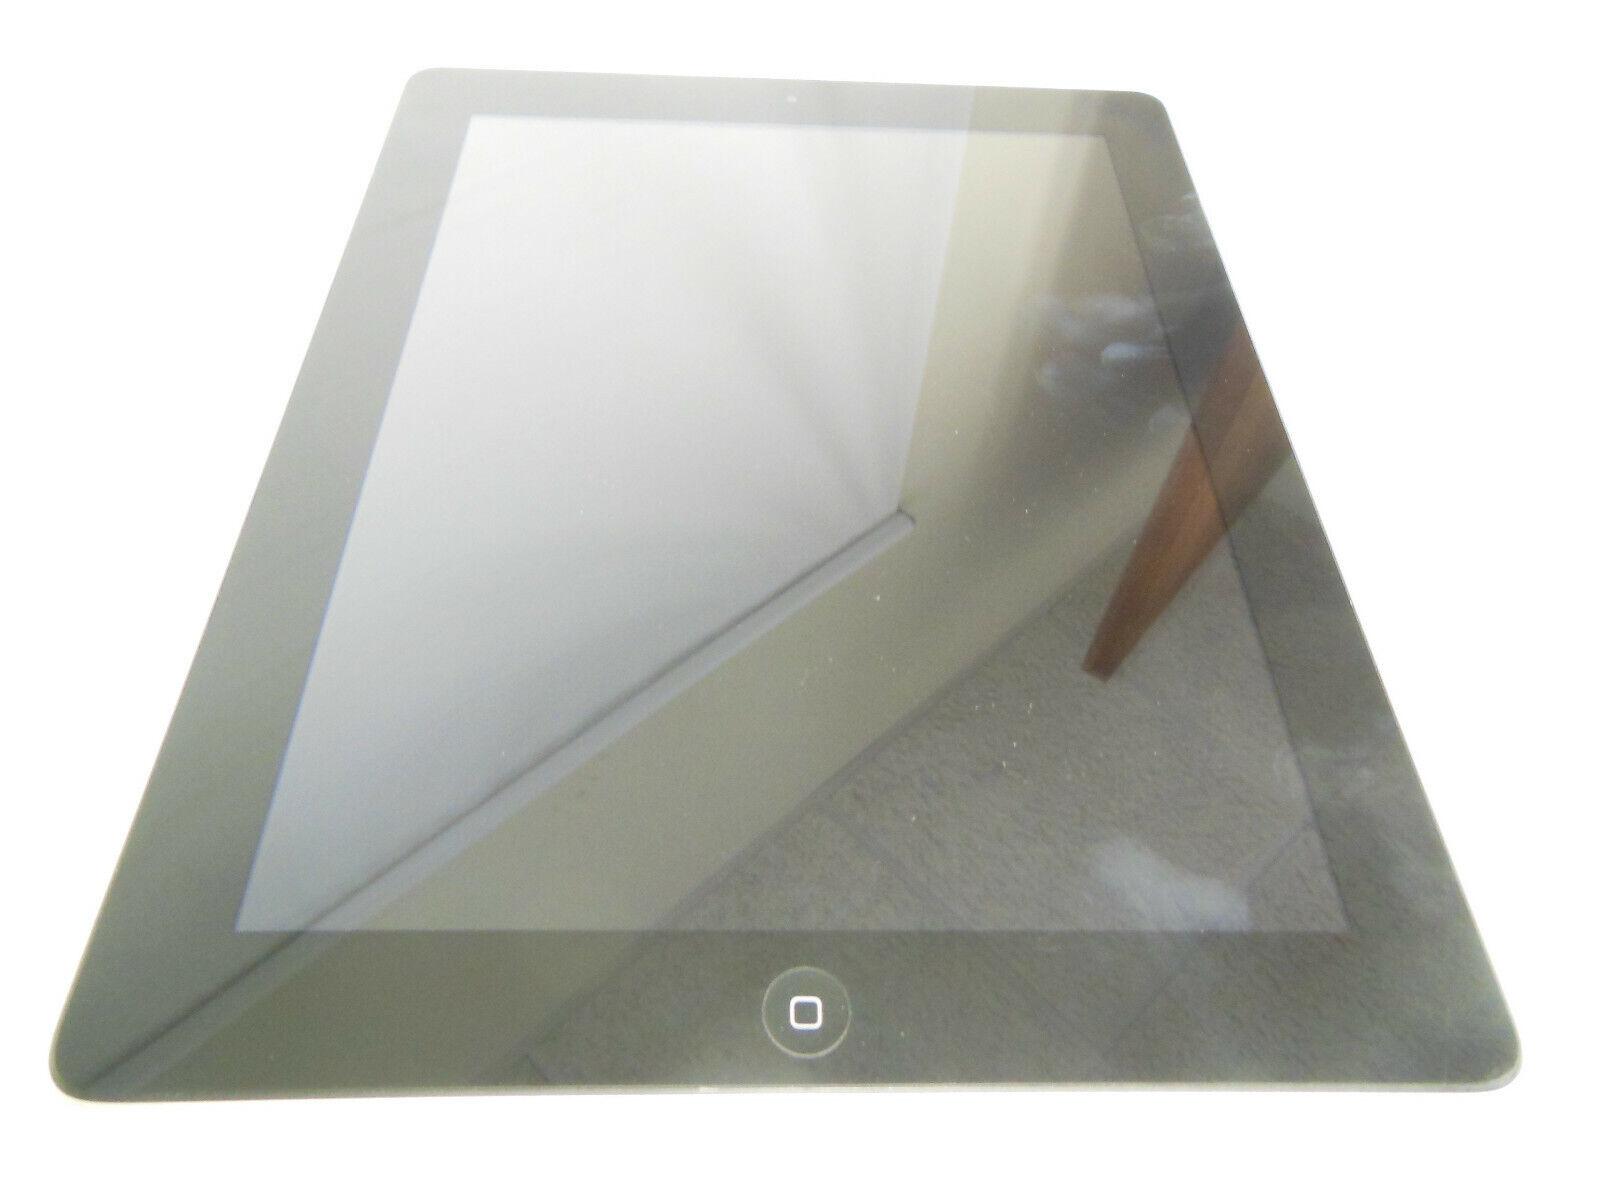 Apple iPad 4th MD510LL/A 16GB, Wi-Fi, 9.7in - Black